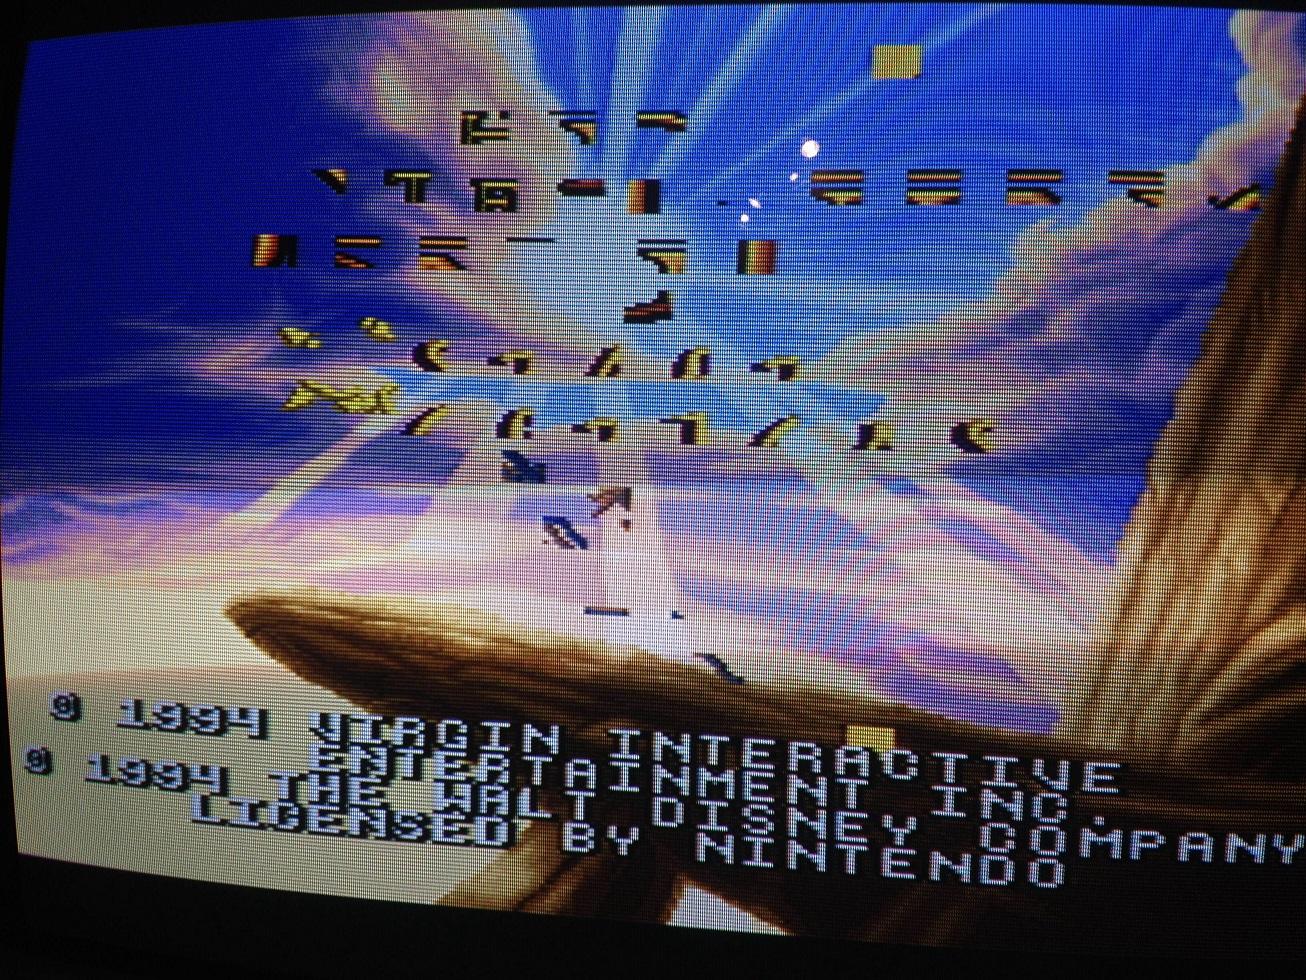 Problème affichage SNES Photo2-44873e7